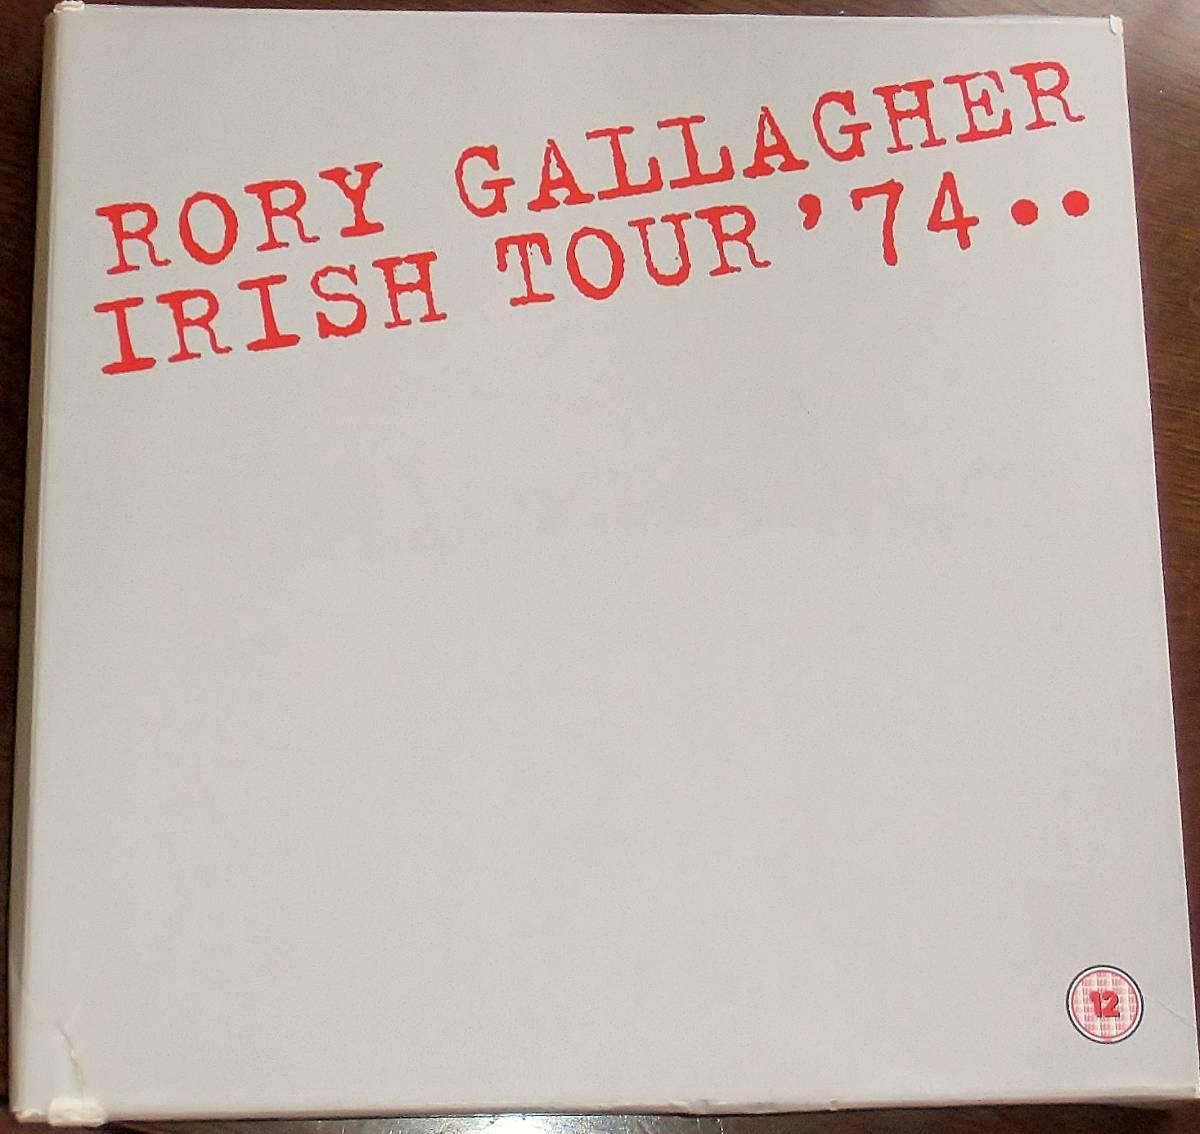 希少 廃盤 初回生産限定盤 RORY GALLAGHER ロリー ギャラガー 「IRISH TOUR '74 (7CD+1DVD)」2014